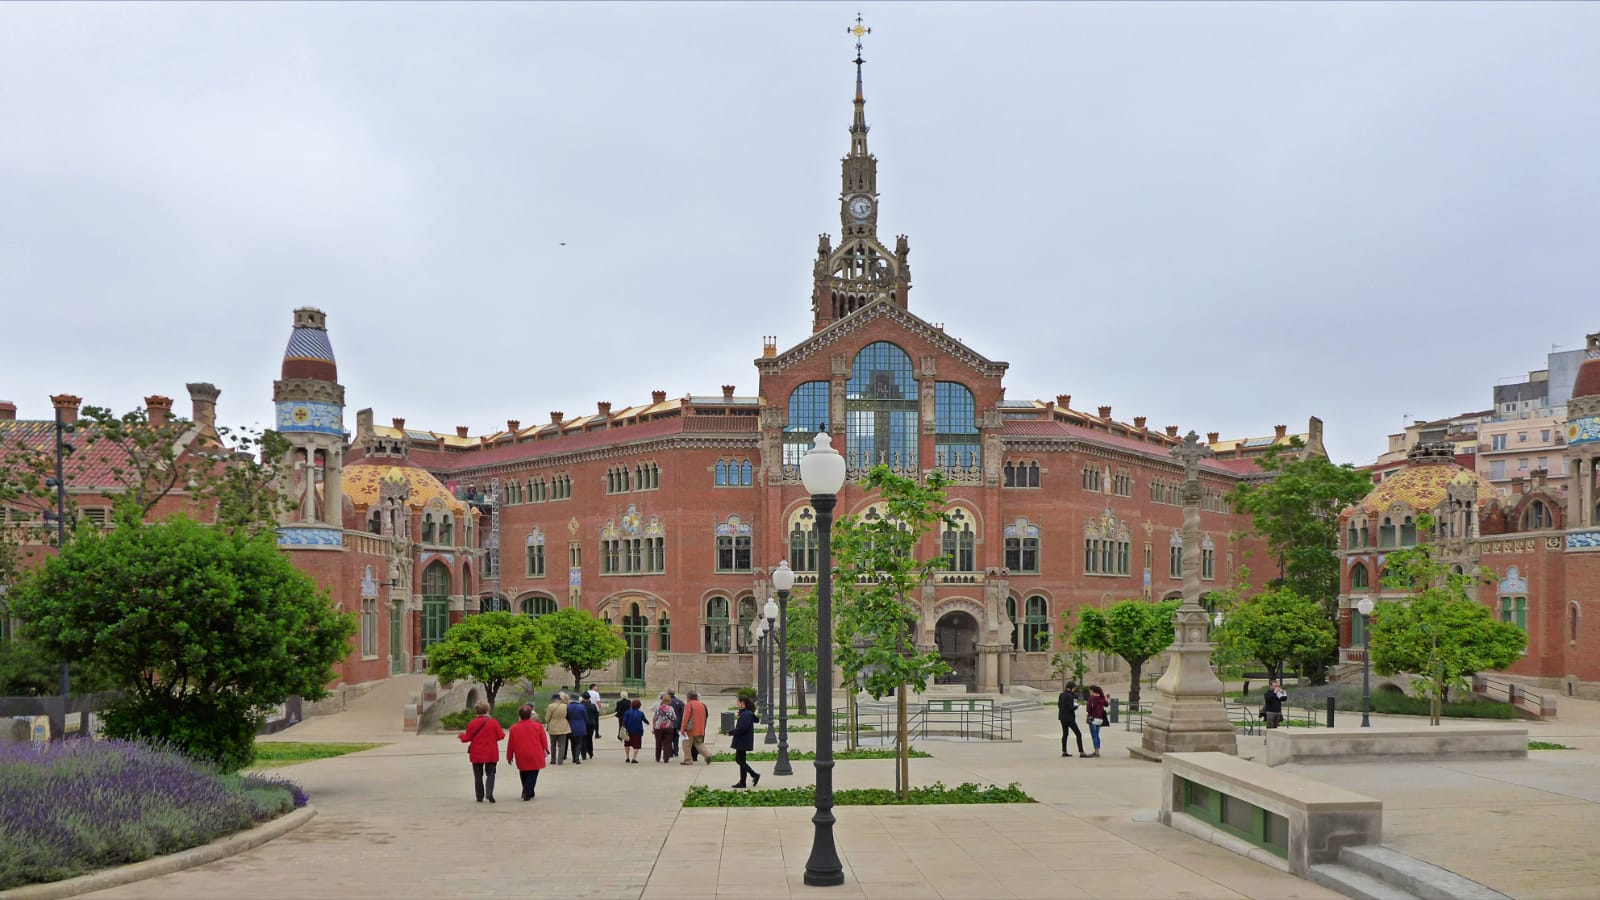 szpital św. Pawła, Barcelona, Hiszpania